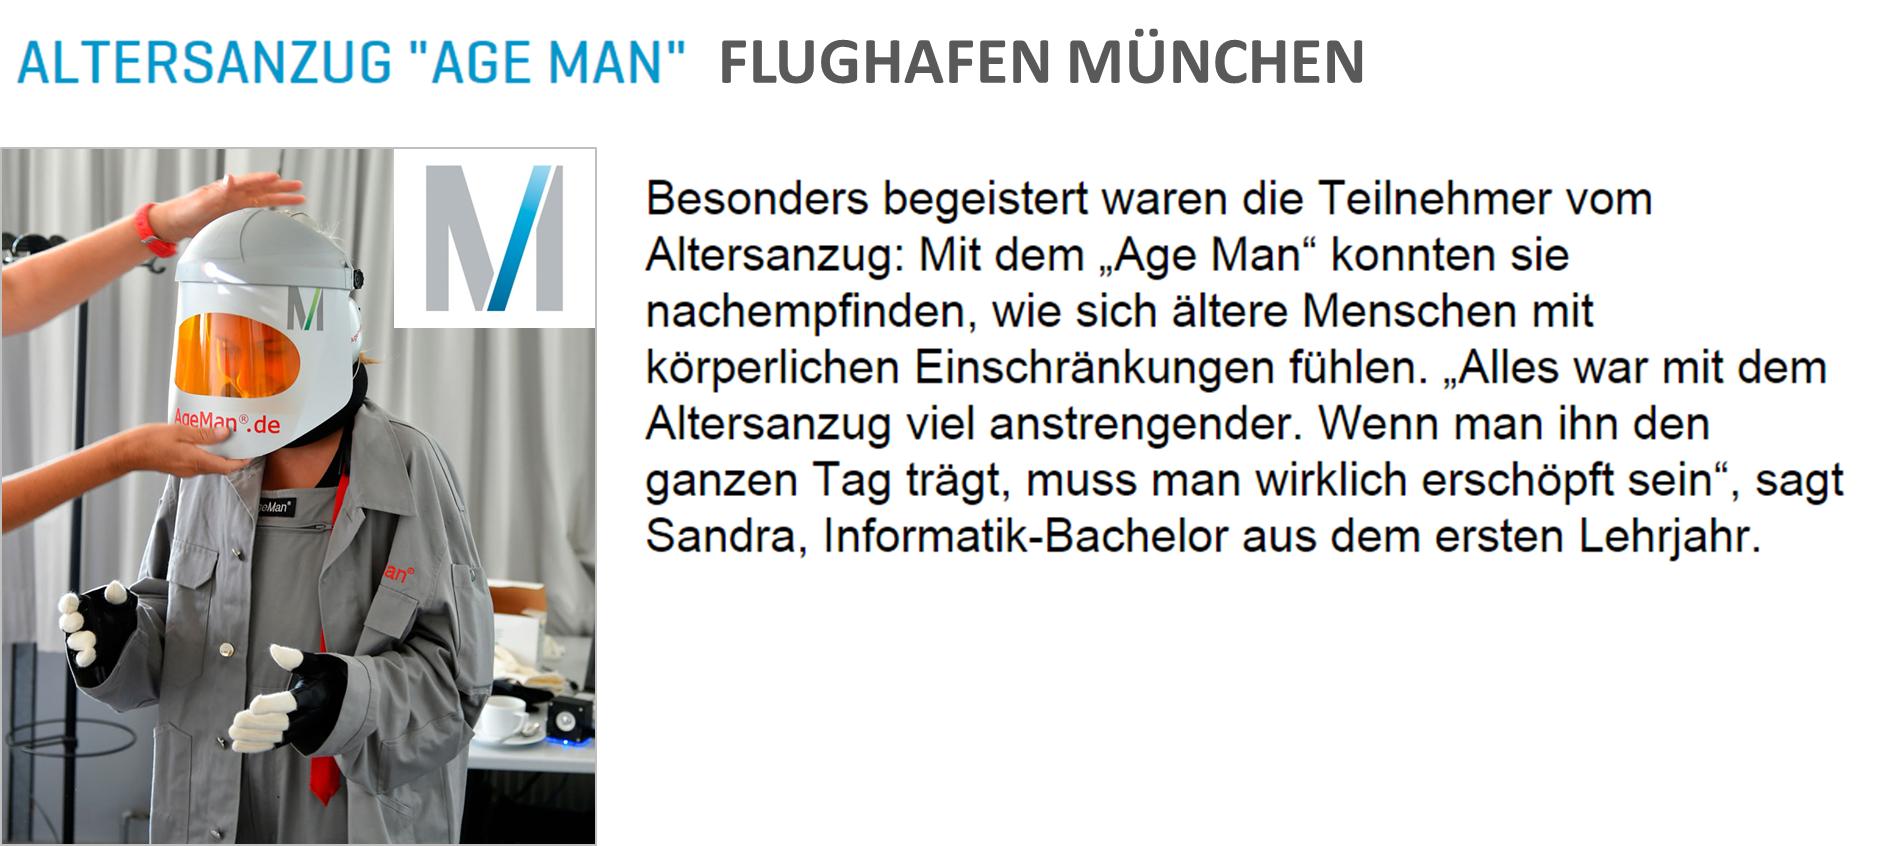 Altersanzug AgeMan im Flughafen München